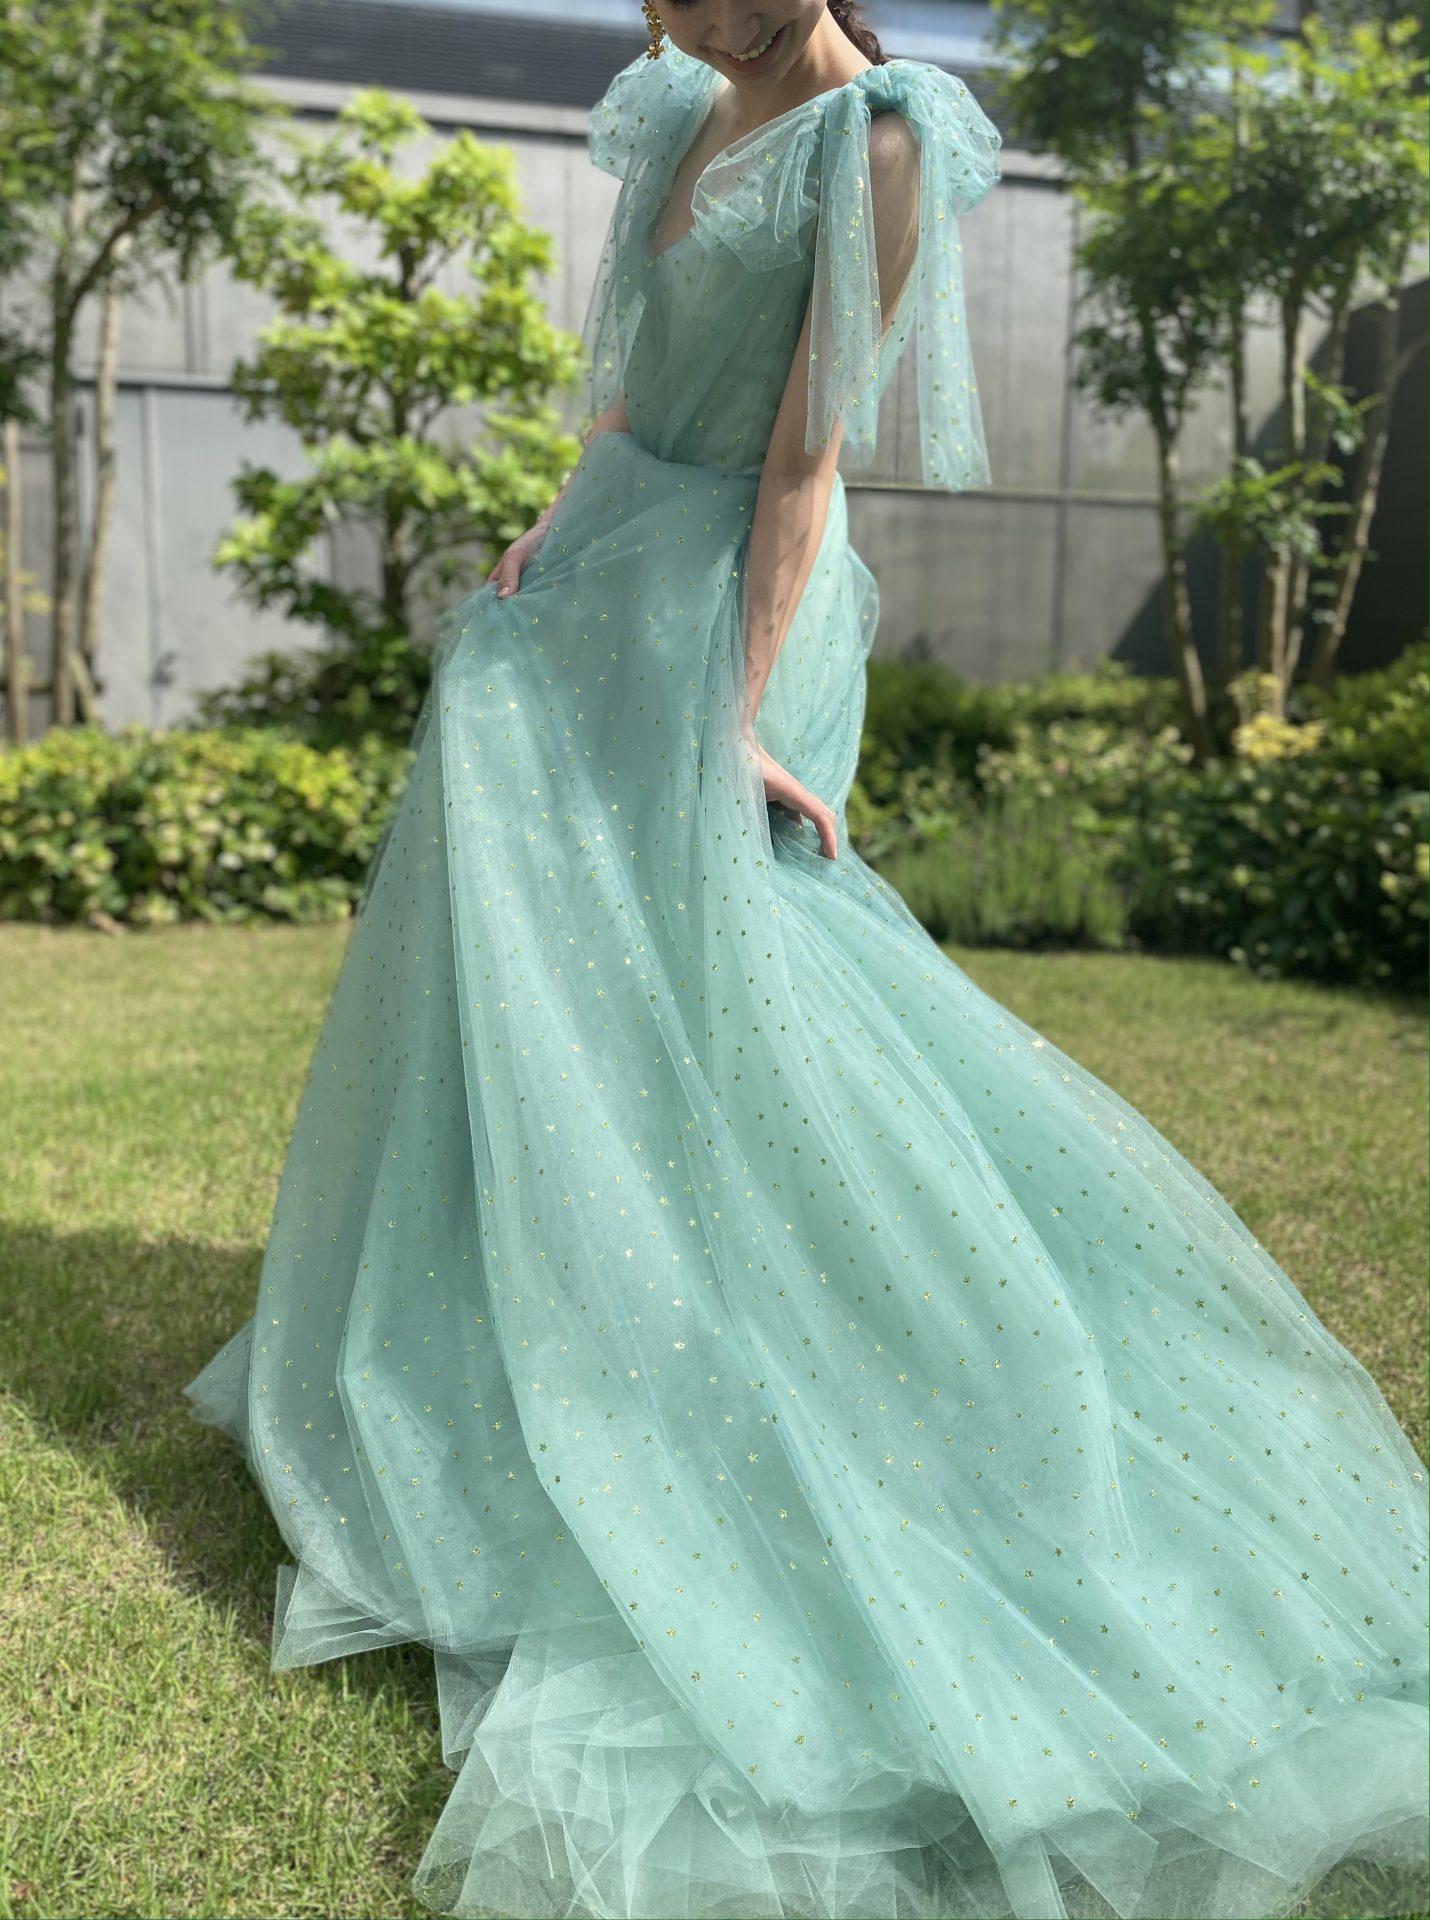 ハイアットリージェンシー大阪におすすめのザトリートドレッシングのグリーンのチュールのカラードレス